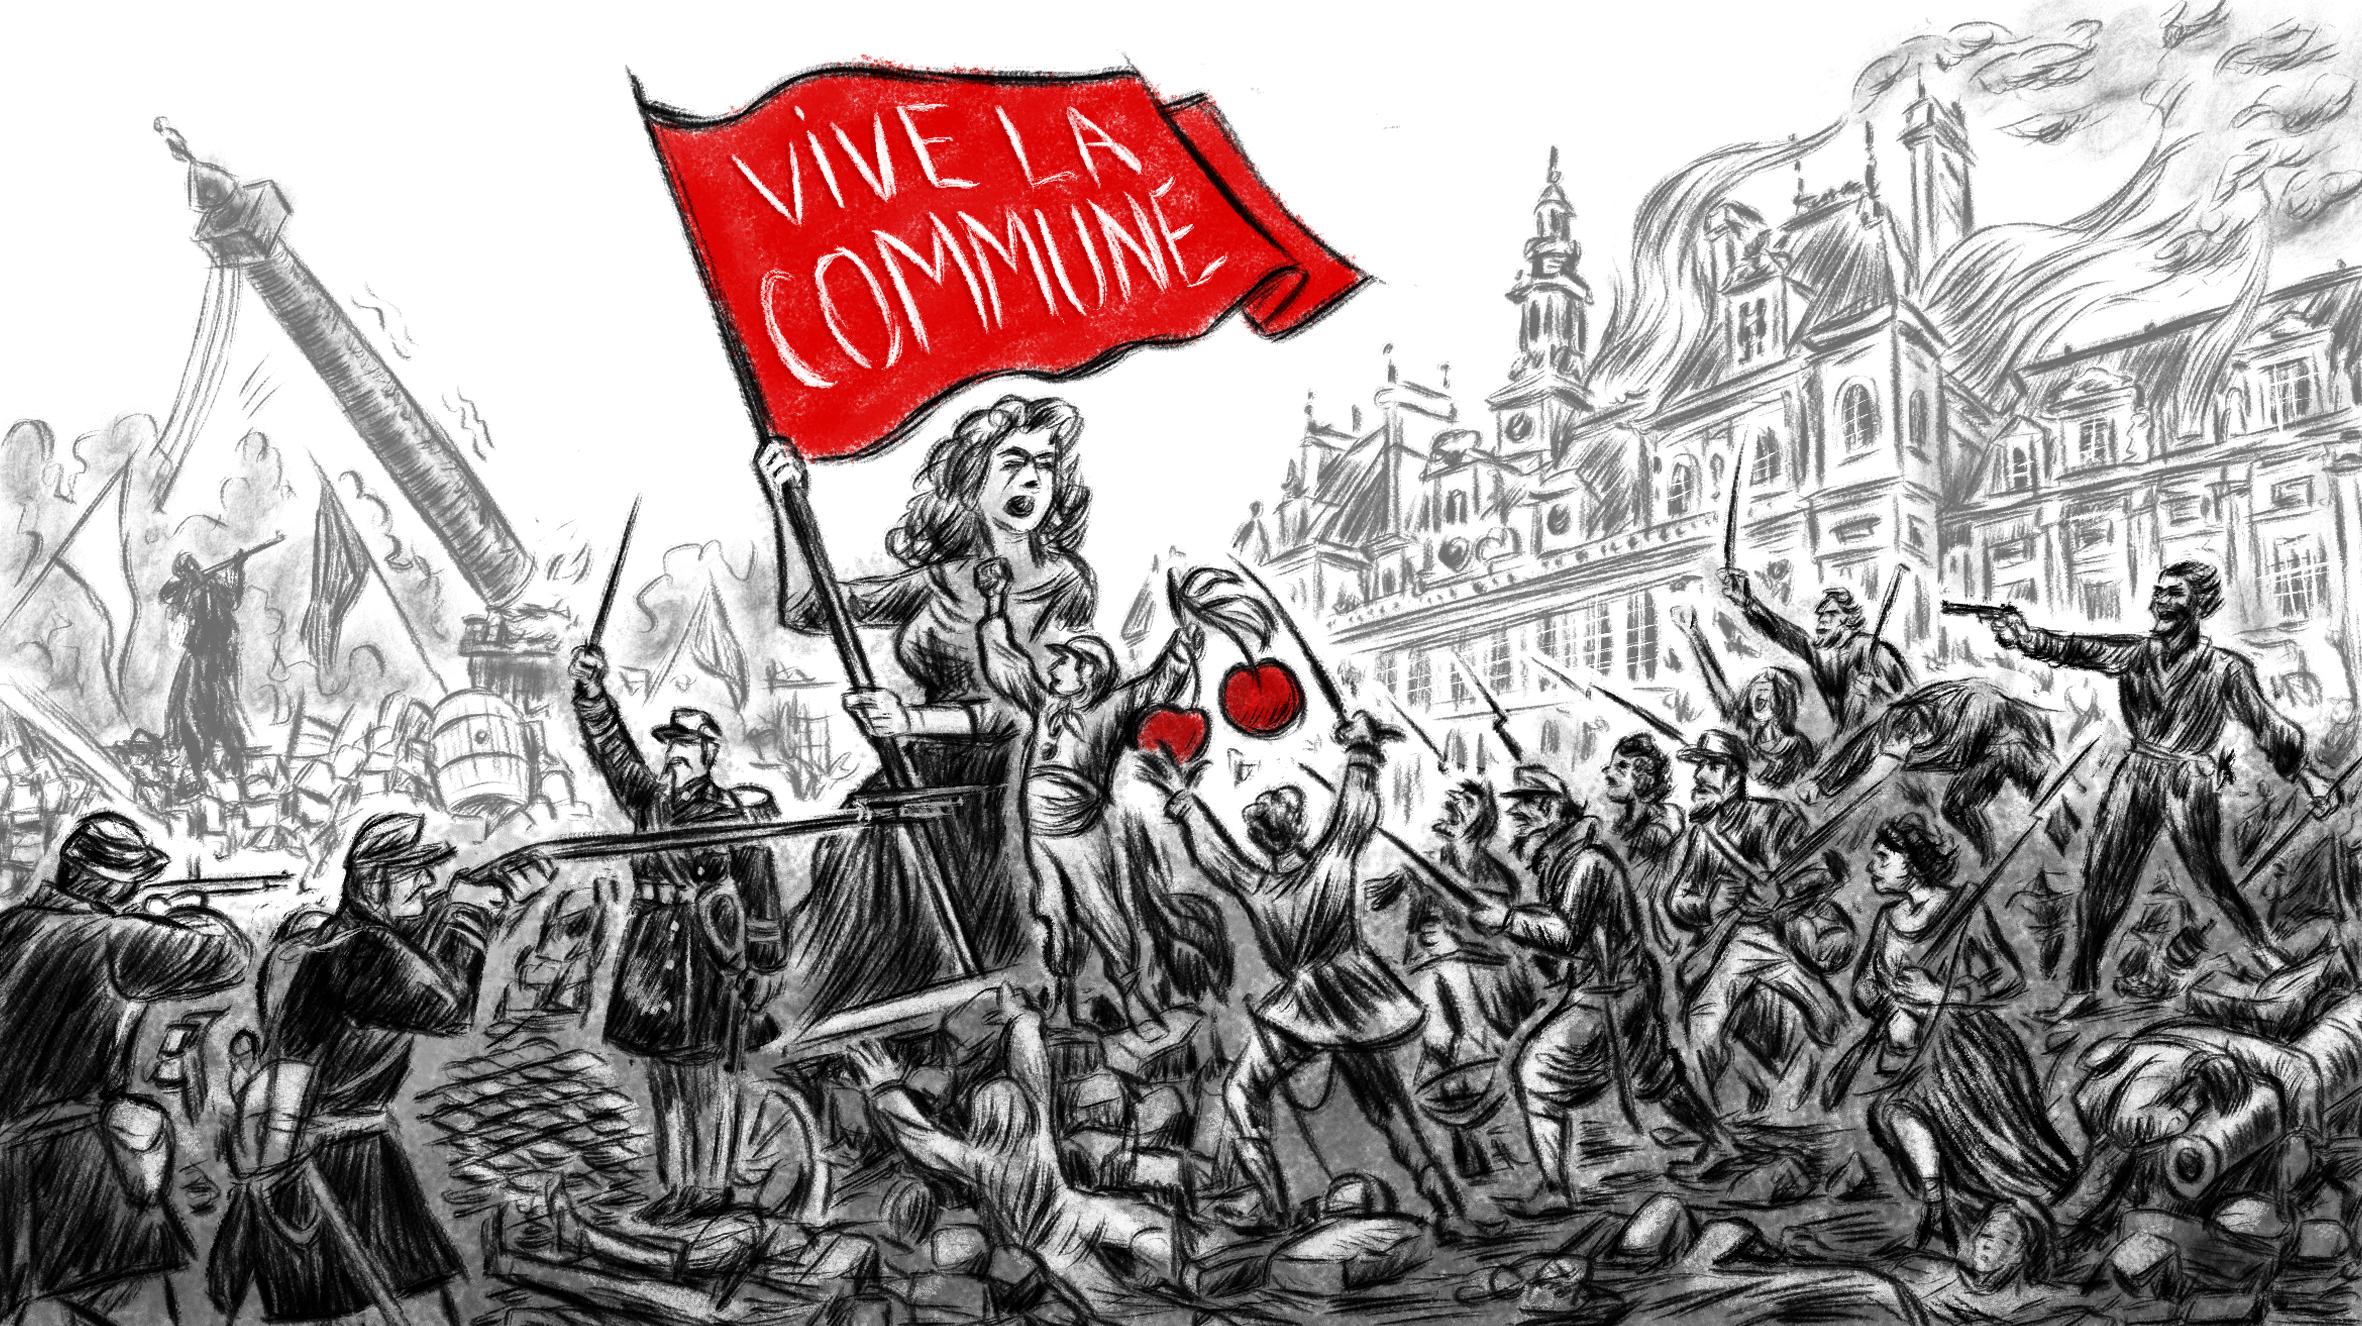 L'écho international de la Commune